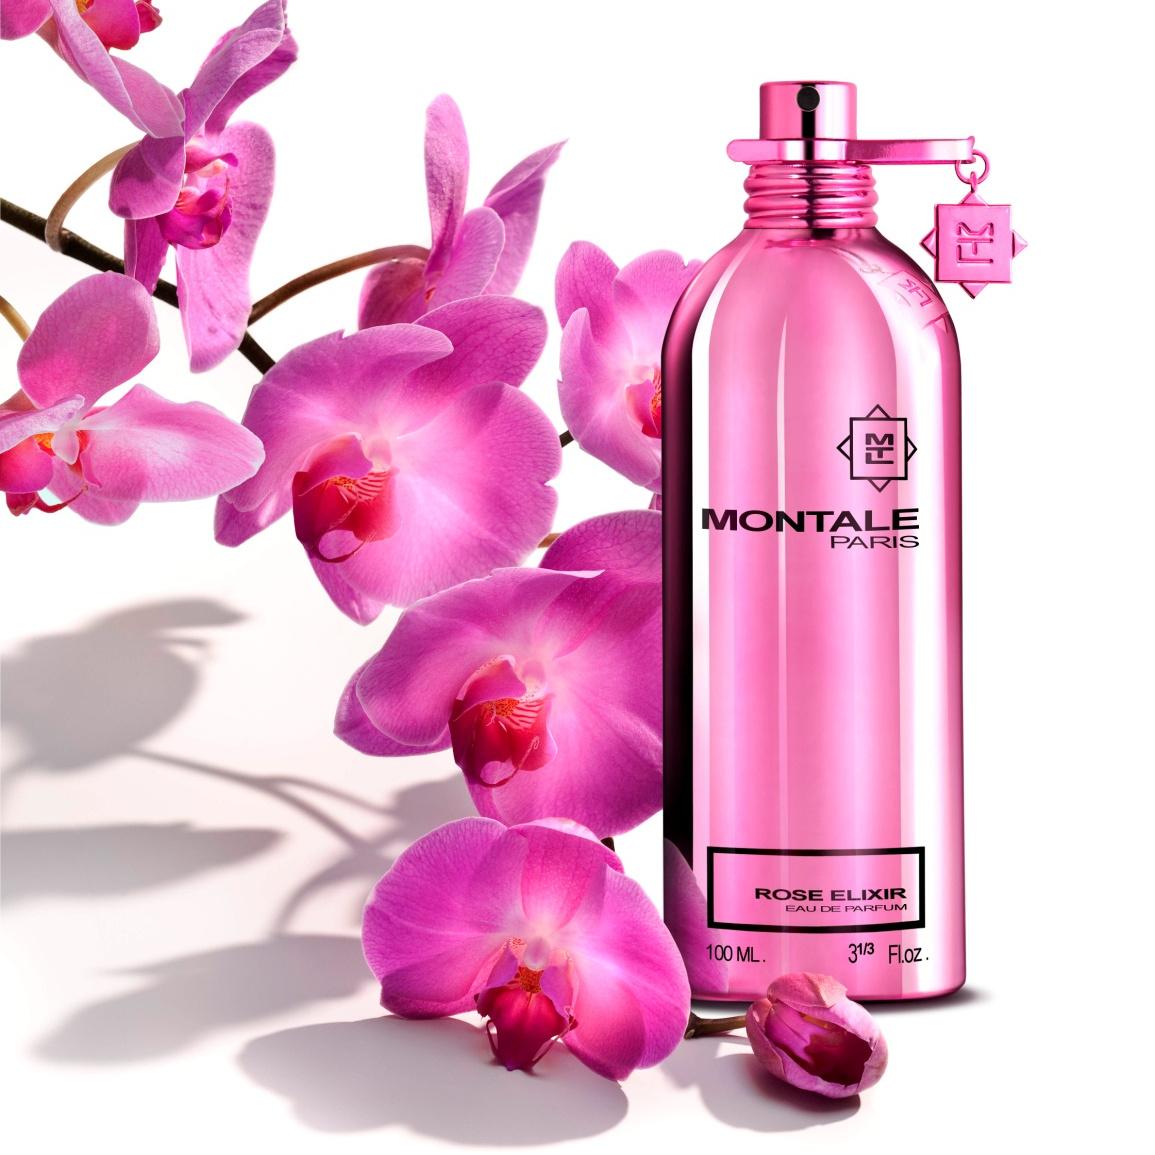 Montale - Rose Elixir